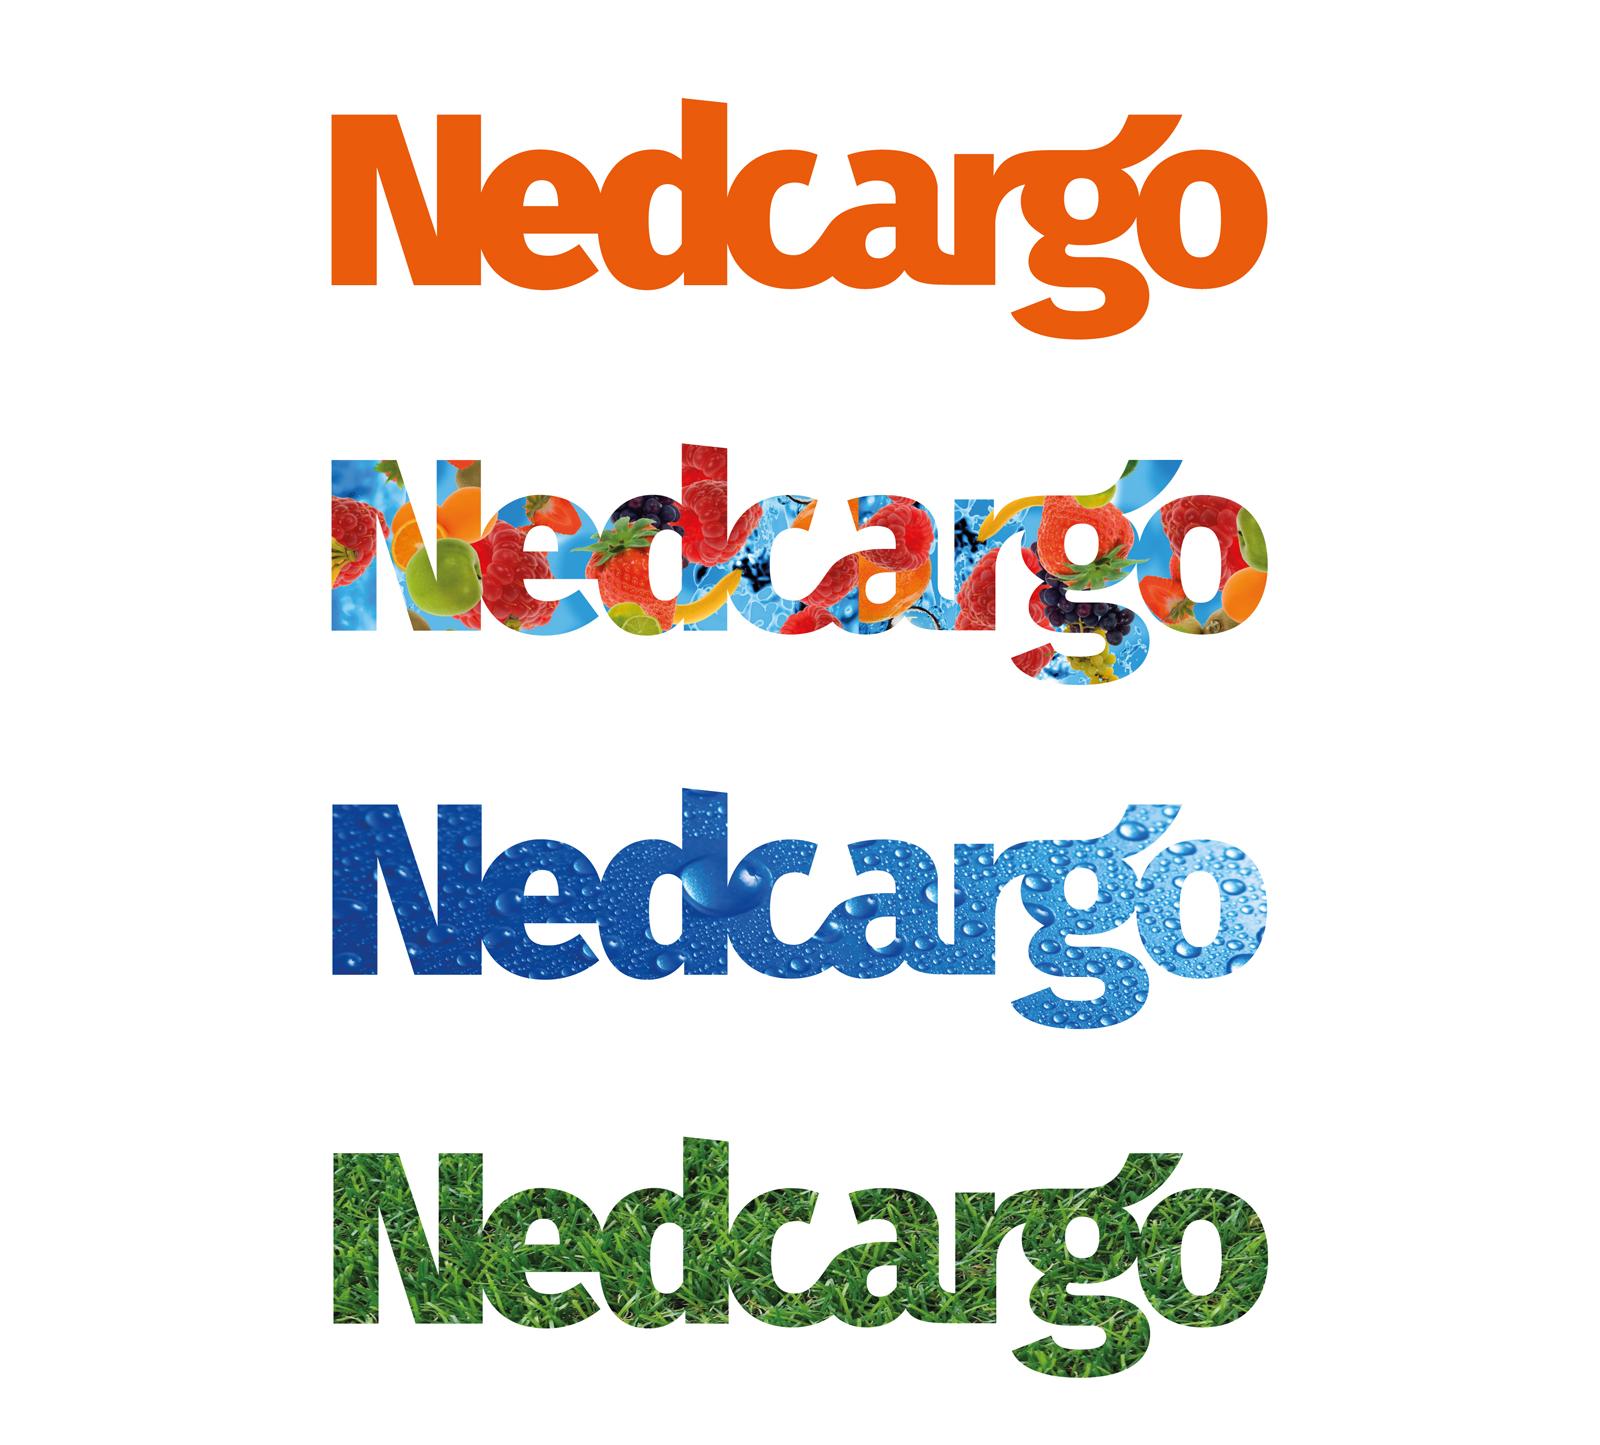 NedCargoDef_logos_web